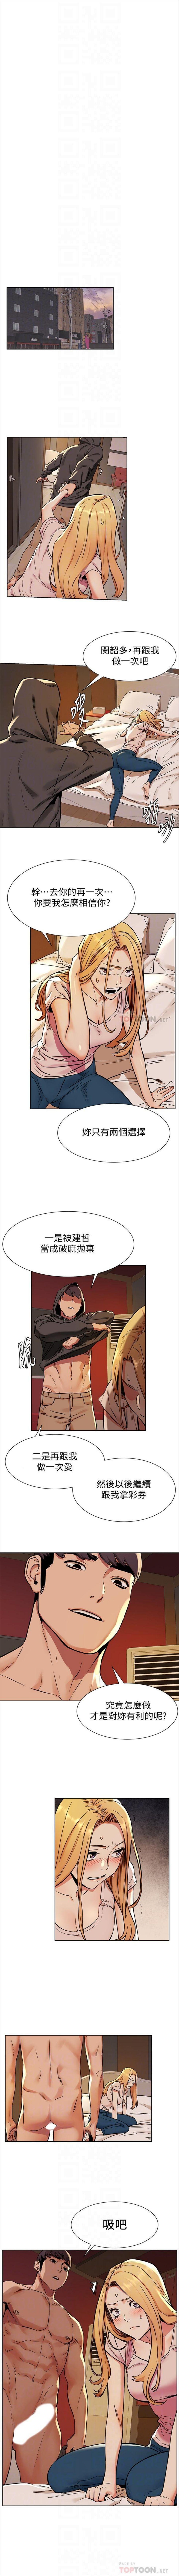 衝突 1-100官方中文(連載中) 468